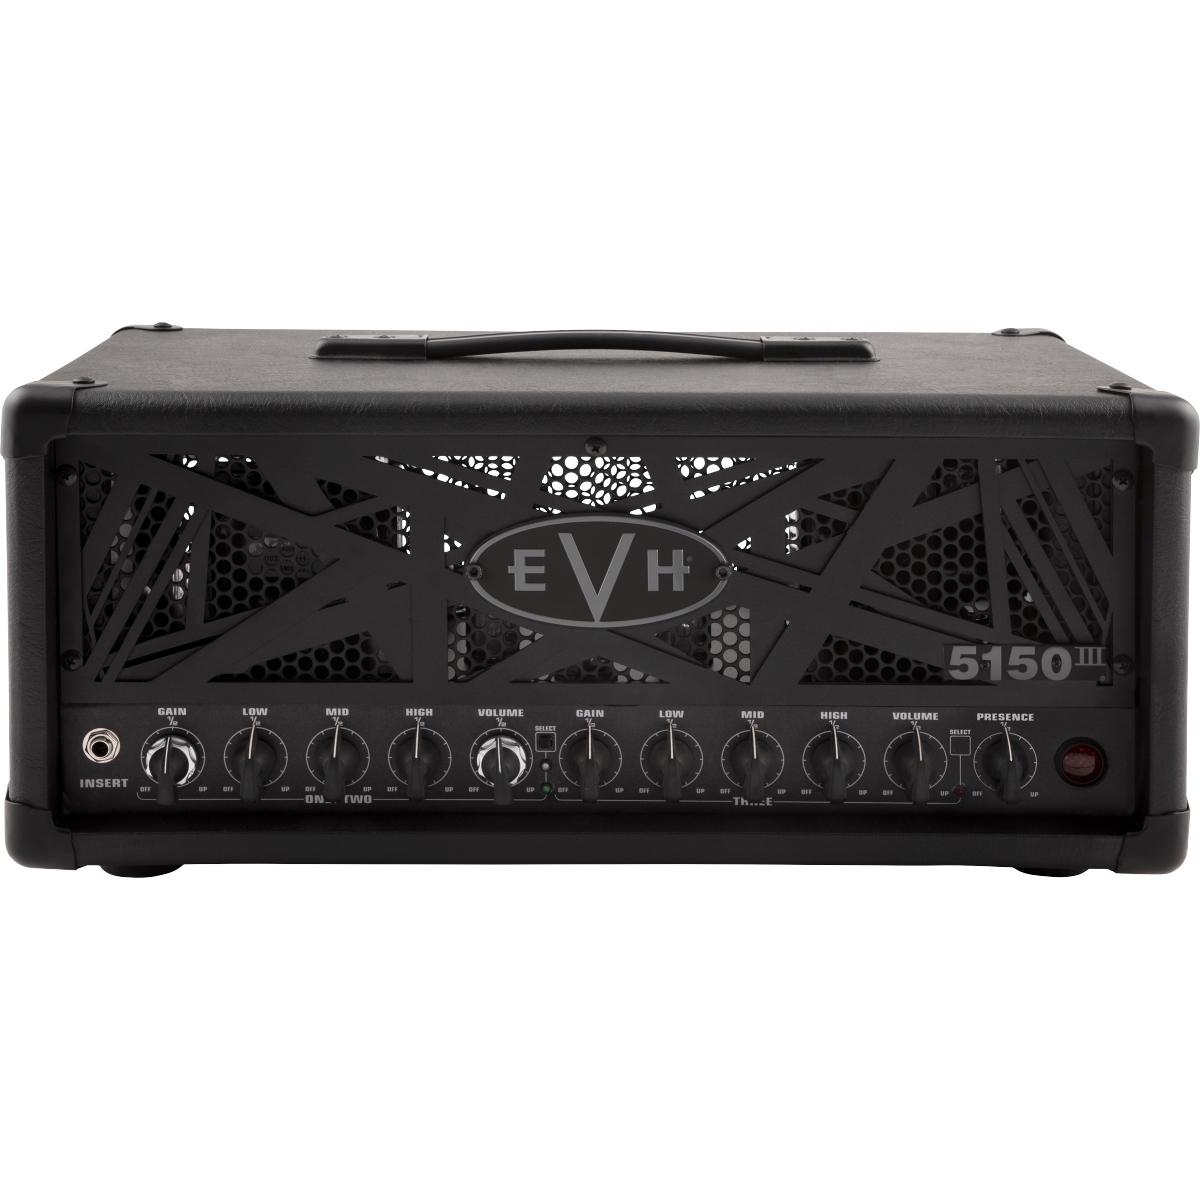 EVH-5150-III-50w-6L6-BLACK-2253076000-sku-23997